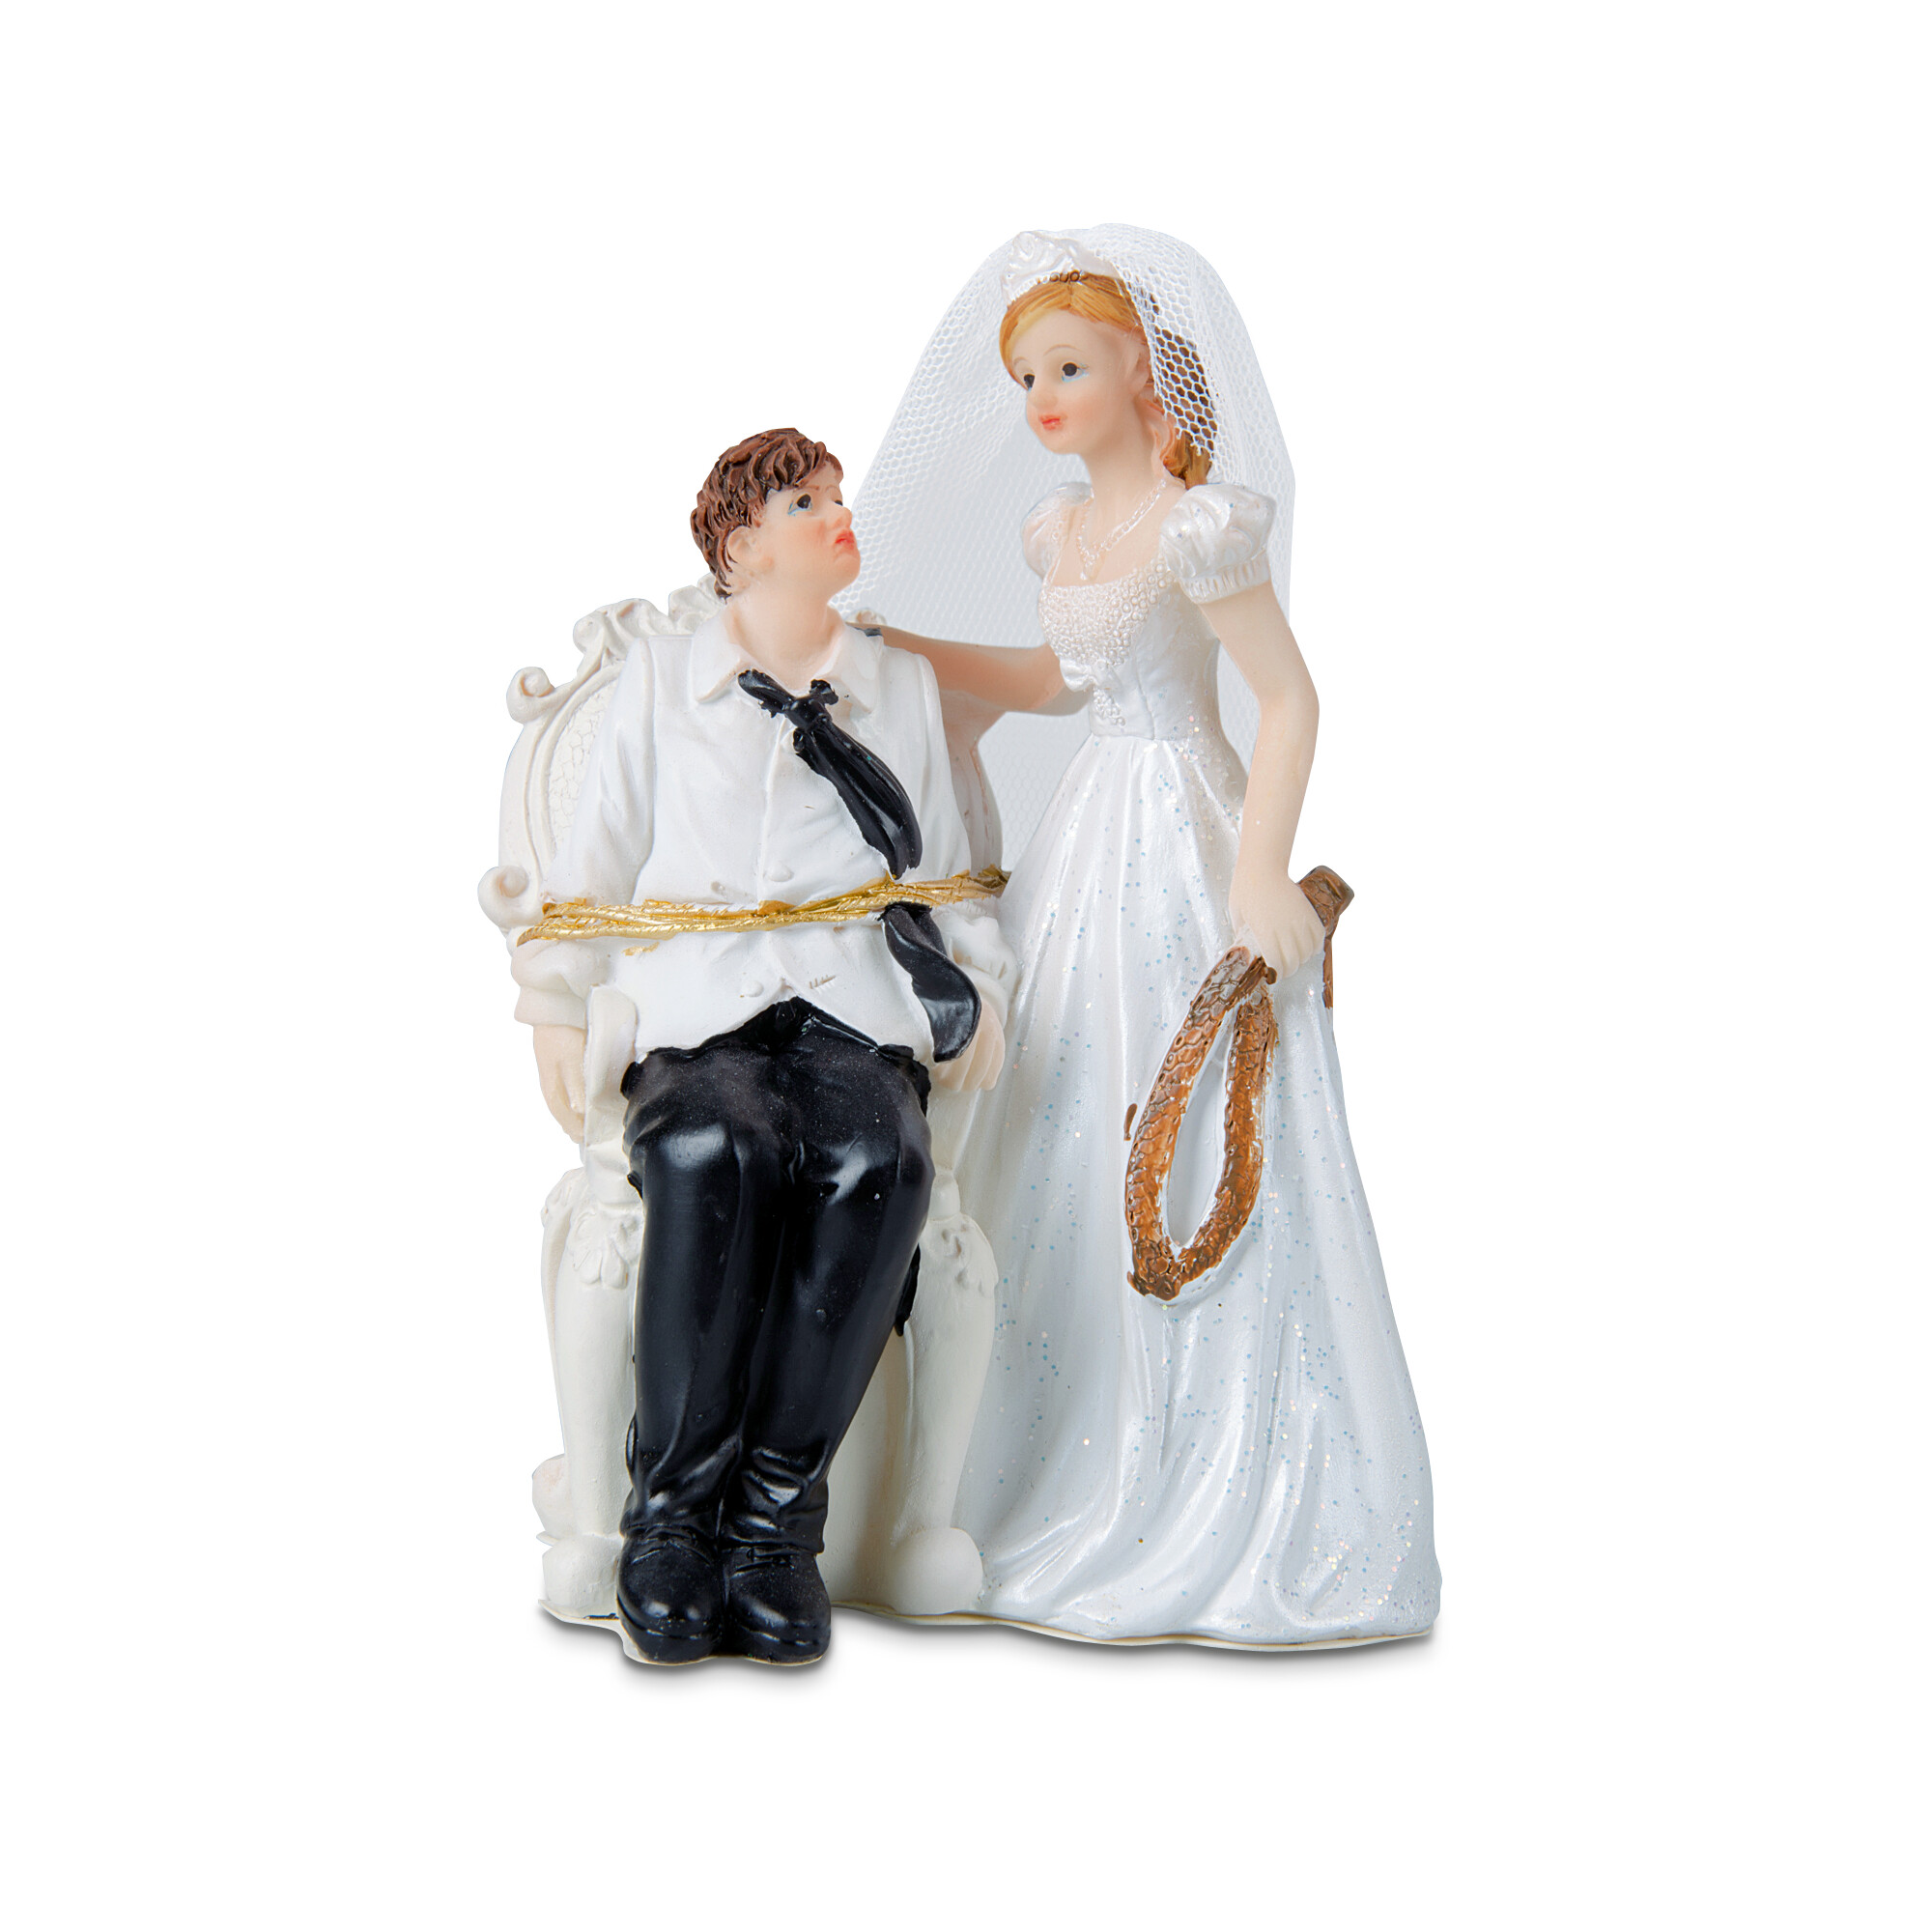 Cake decoration - Bridal couple